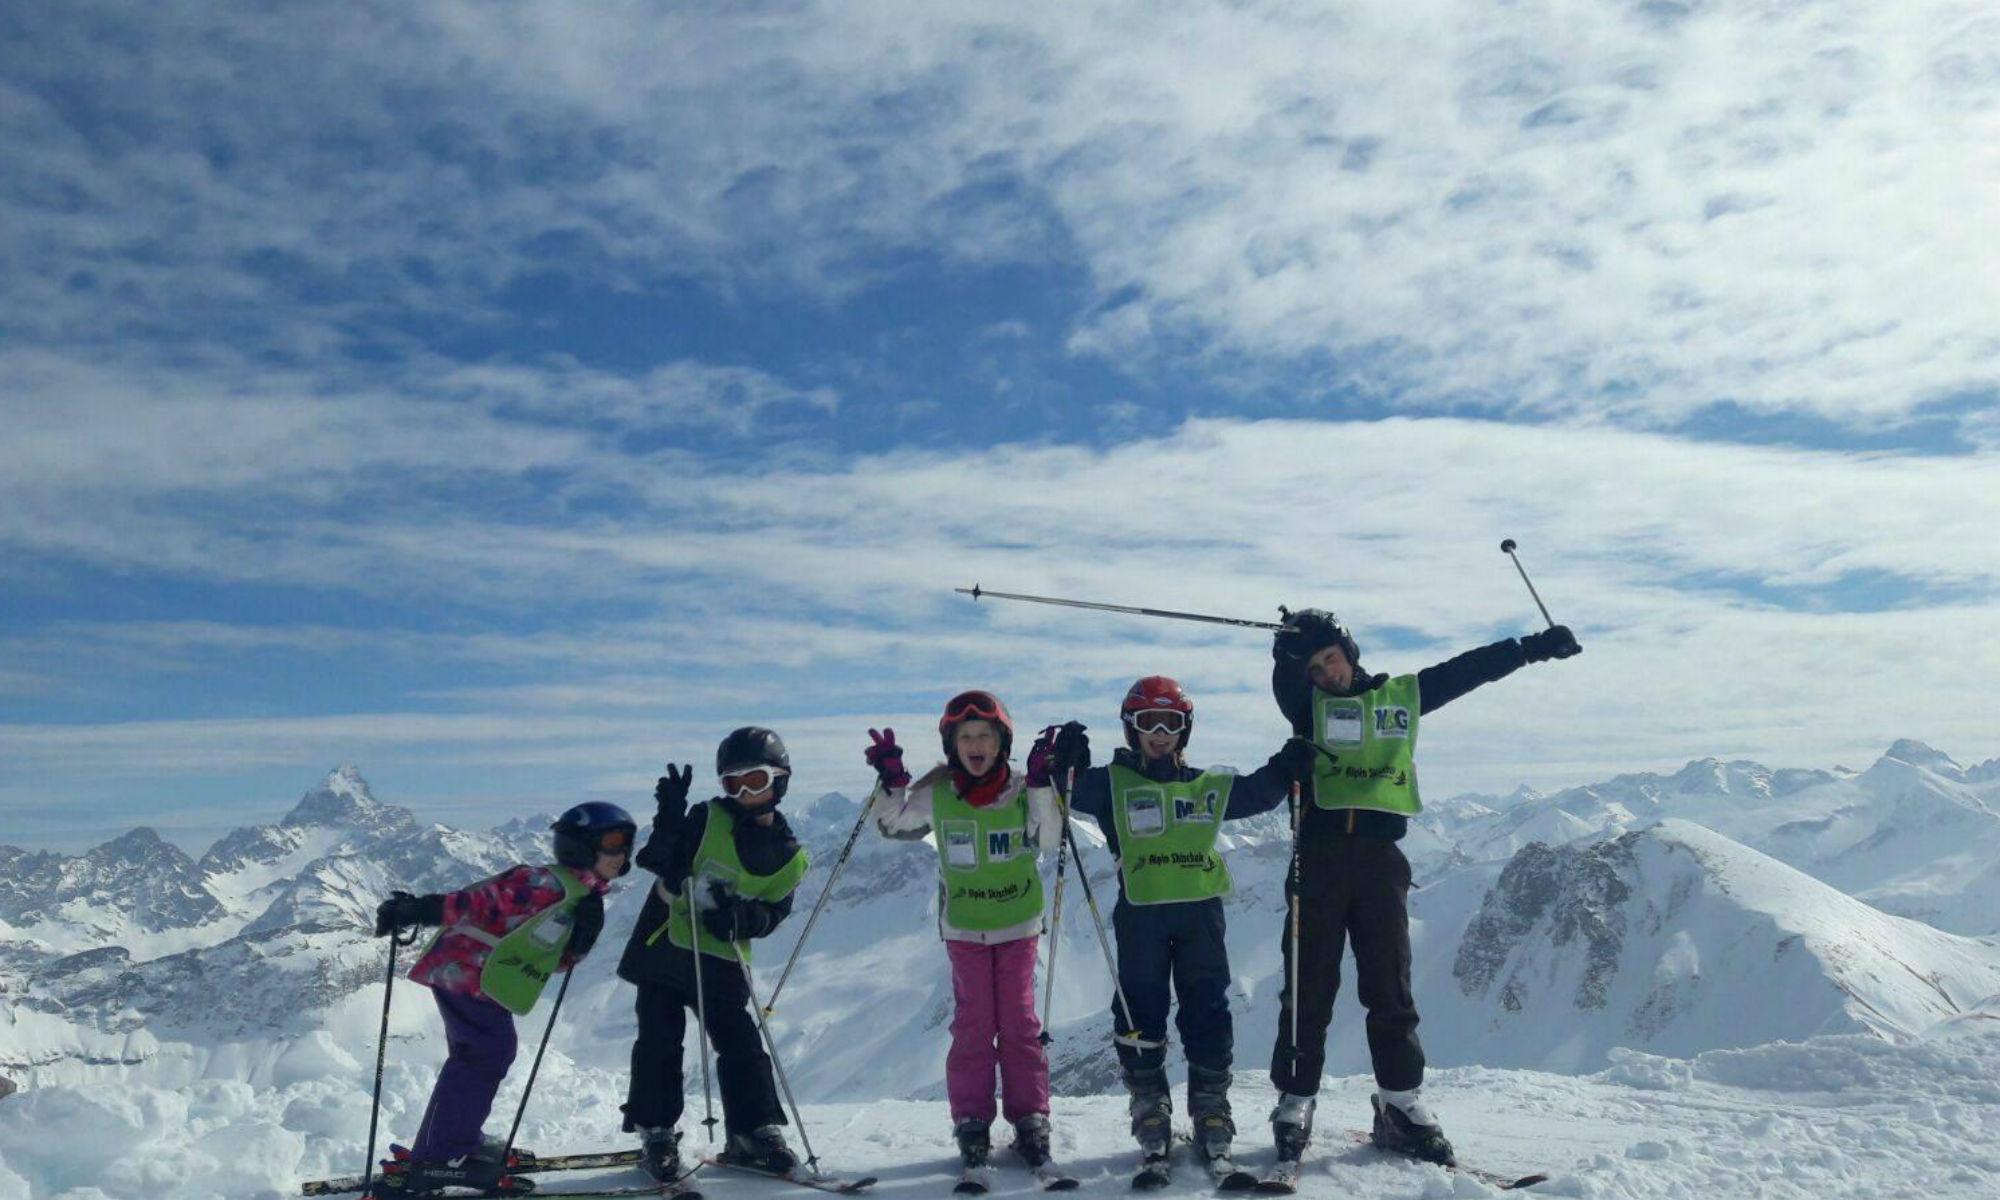 5 Kinder beim Herumtollen während des Skifahrens in Oberstdorf.